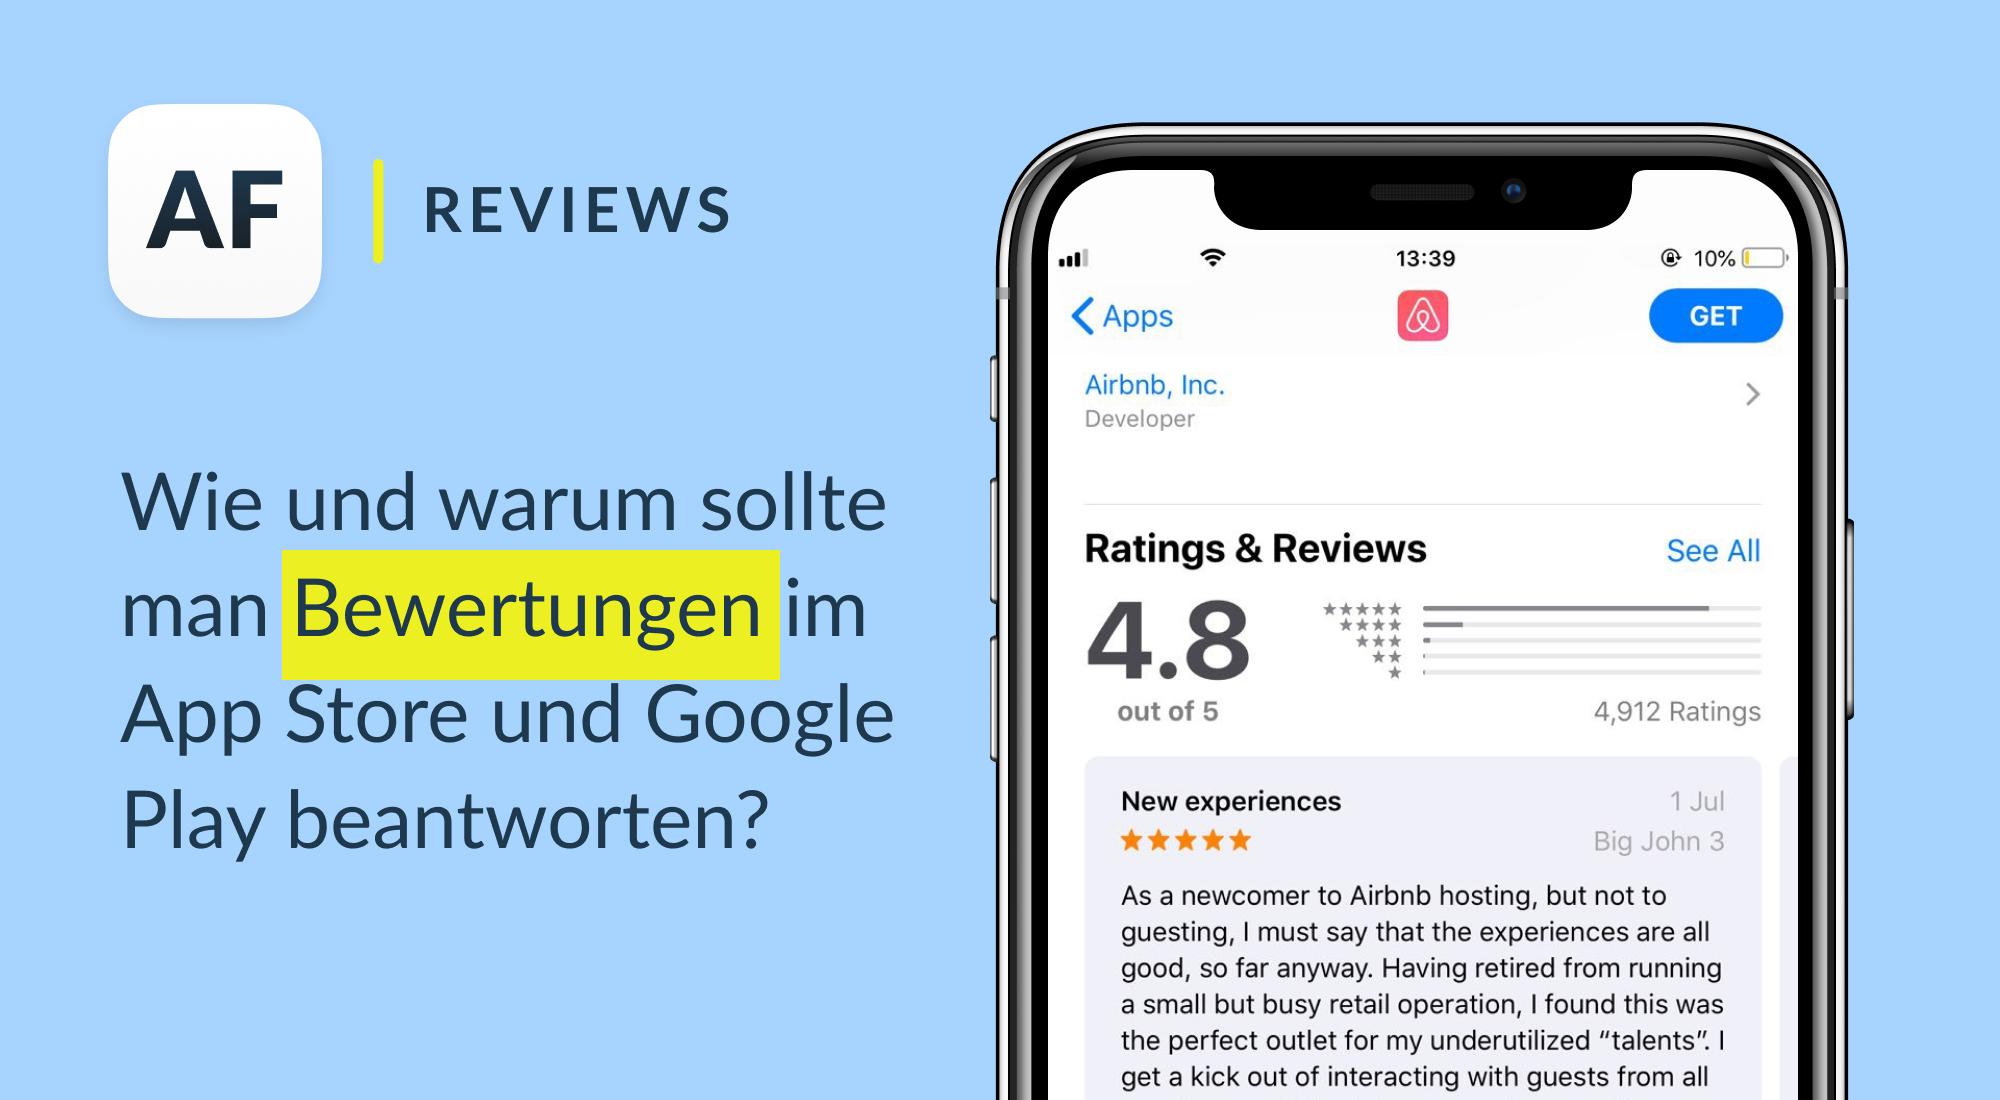 Wie und warum sollte man Bewertungen im App Store und Google Play beantworten?